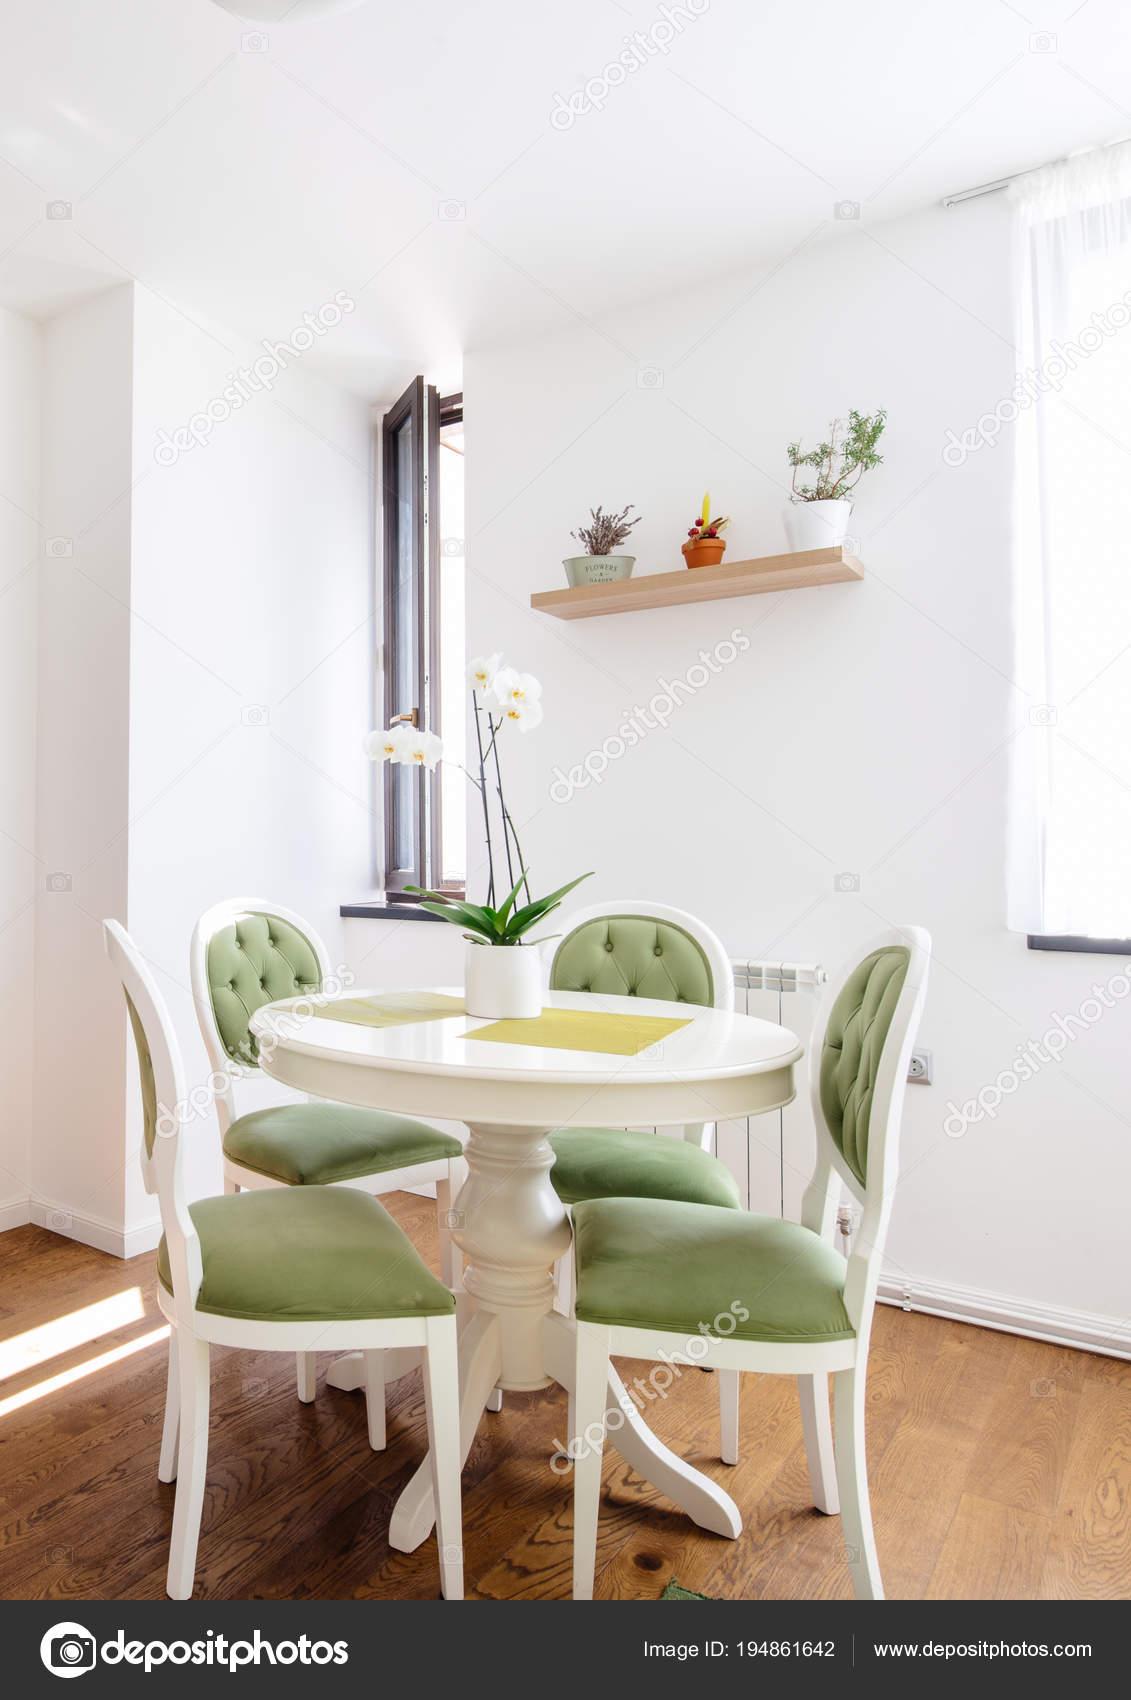 Moderne Eetkamer Stoelen.Moderne Keukentafel Met Eetkamer Stoelen En Houten Vloer